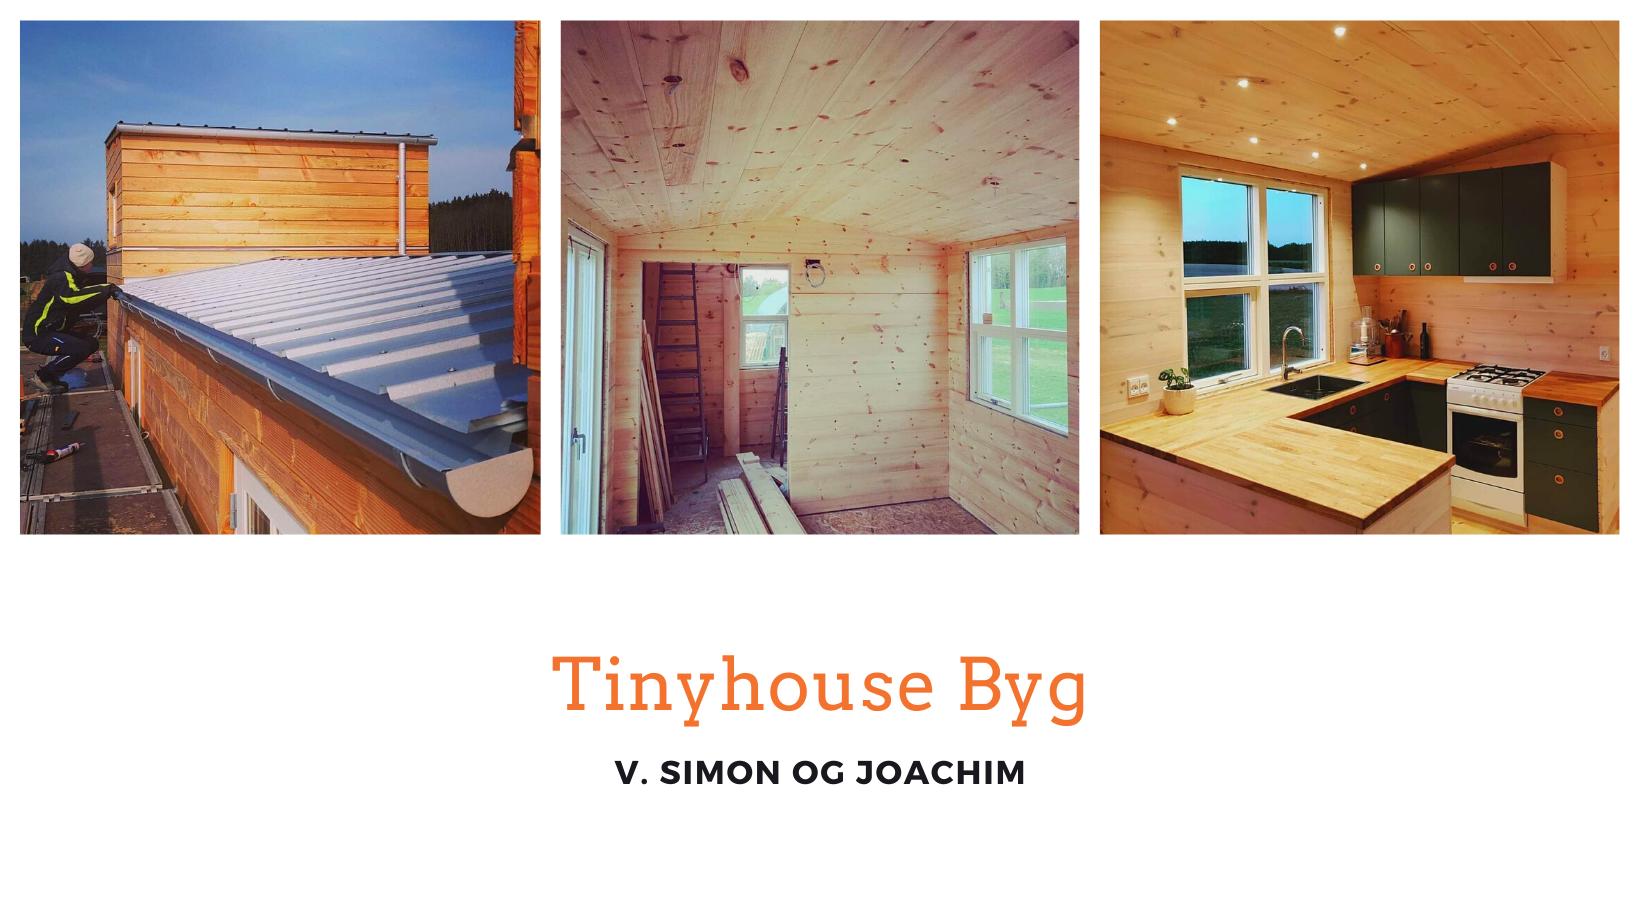 Tinyhouse, tinyhouse selvbyg, køb tinyhouse, salg tinyhouse